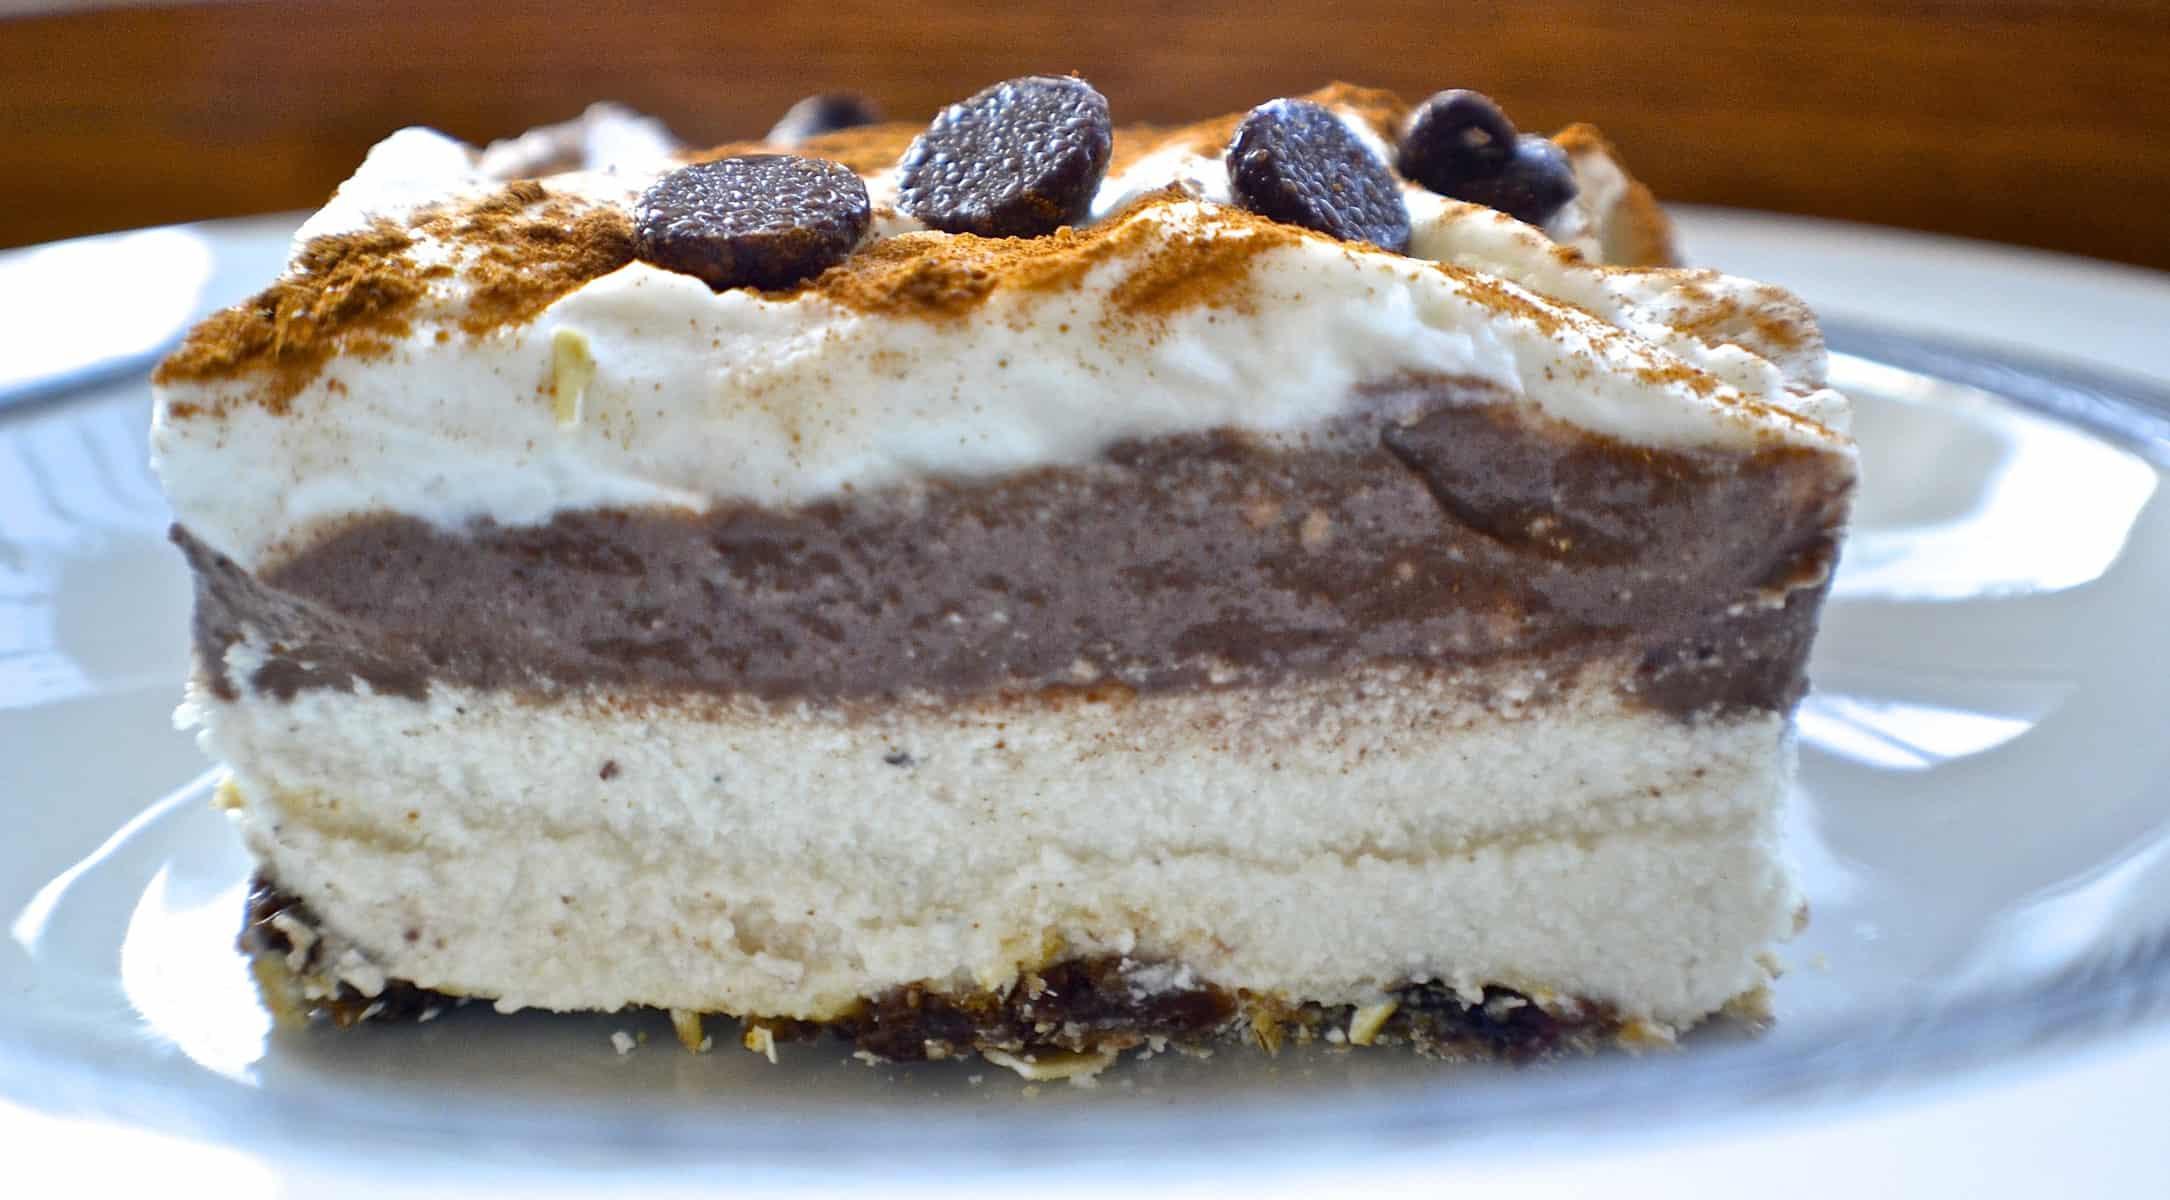 Vegan Recipes Desserts  The best vegan chocolate dessert recipe ever